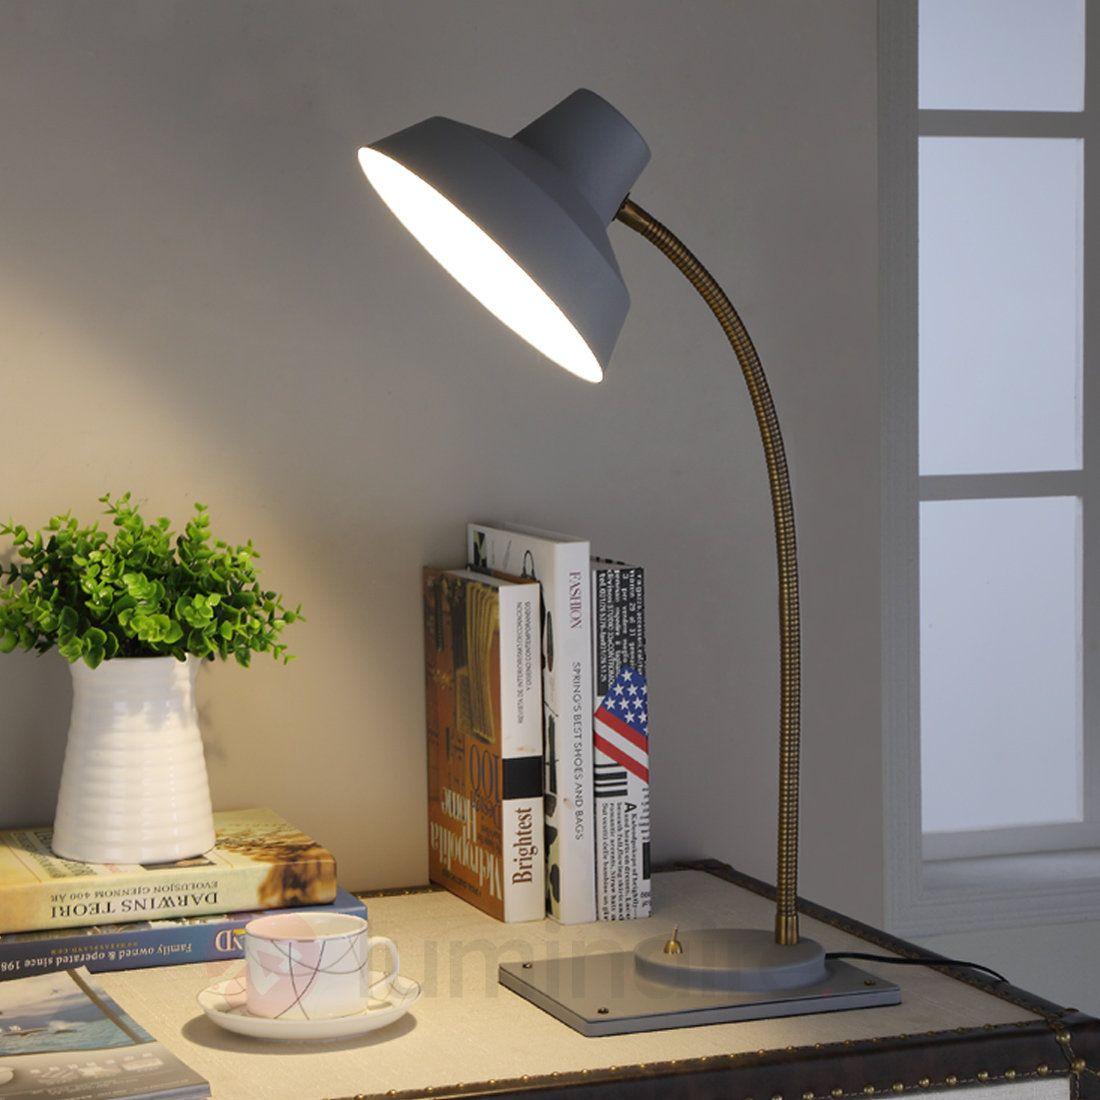 Lampe De Bureau Blanche Work Station Avec Bois Lampe De Bureau Lampes De Table Et Lumiere De Lampe